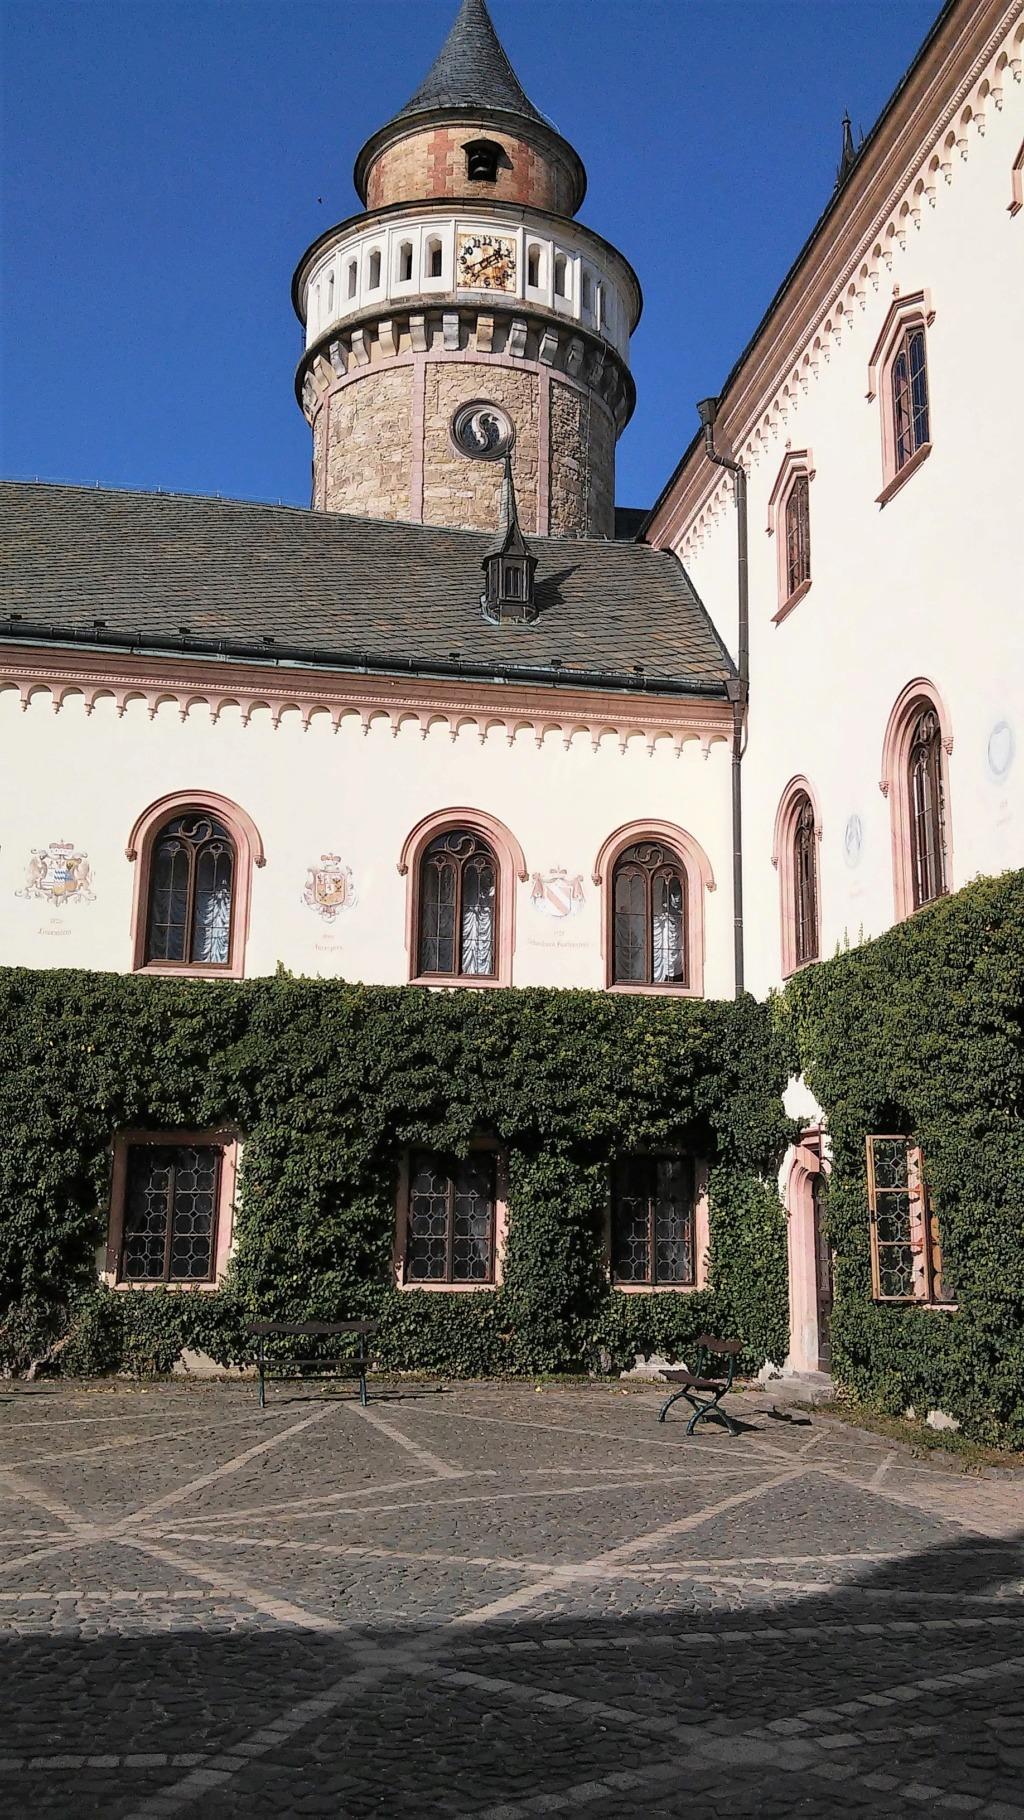 Château de Sychrov pour le cardinal Rohan et Victoire Armand, princesse de Guéménée le 14 octobre 2018 20181470